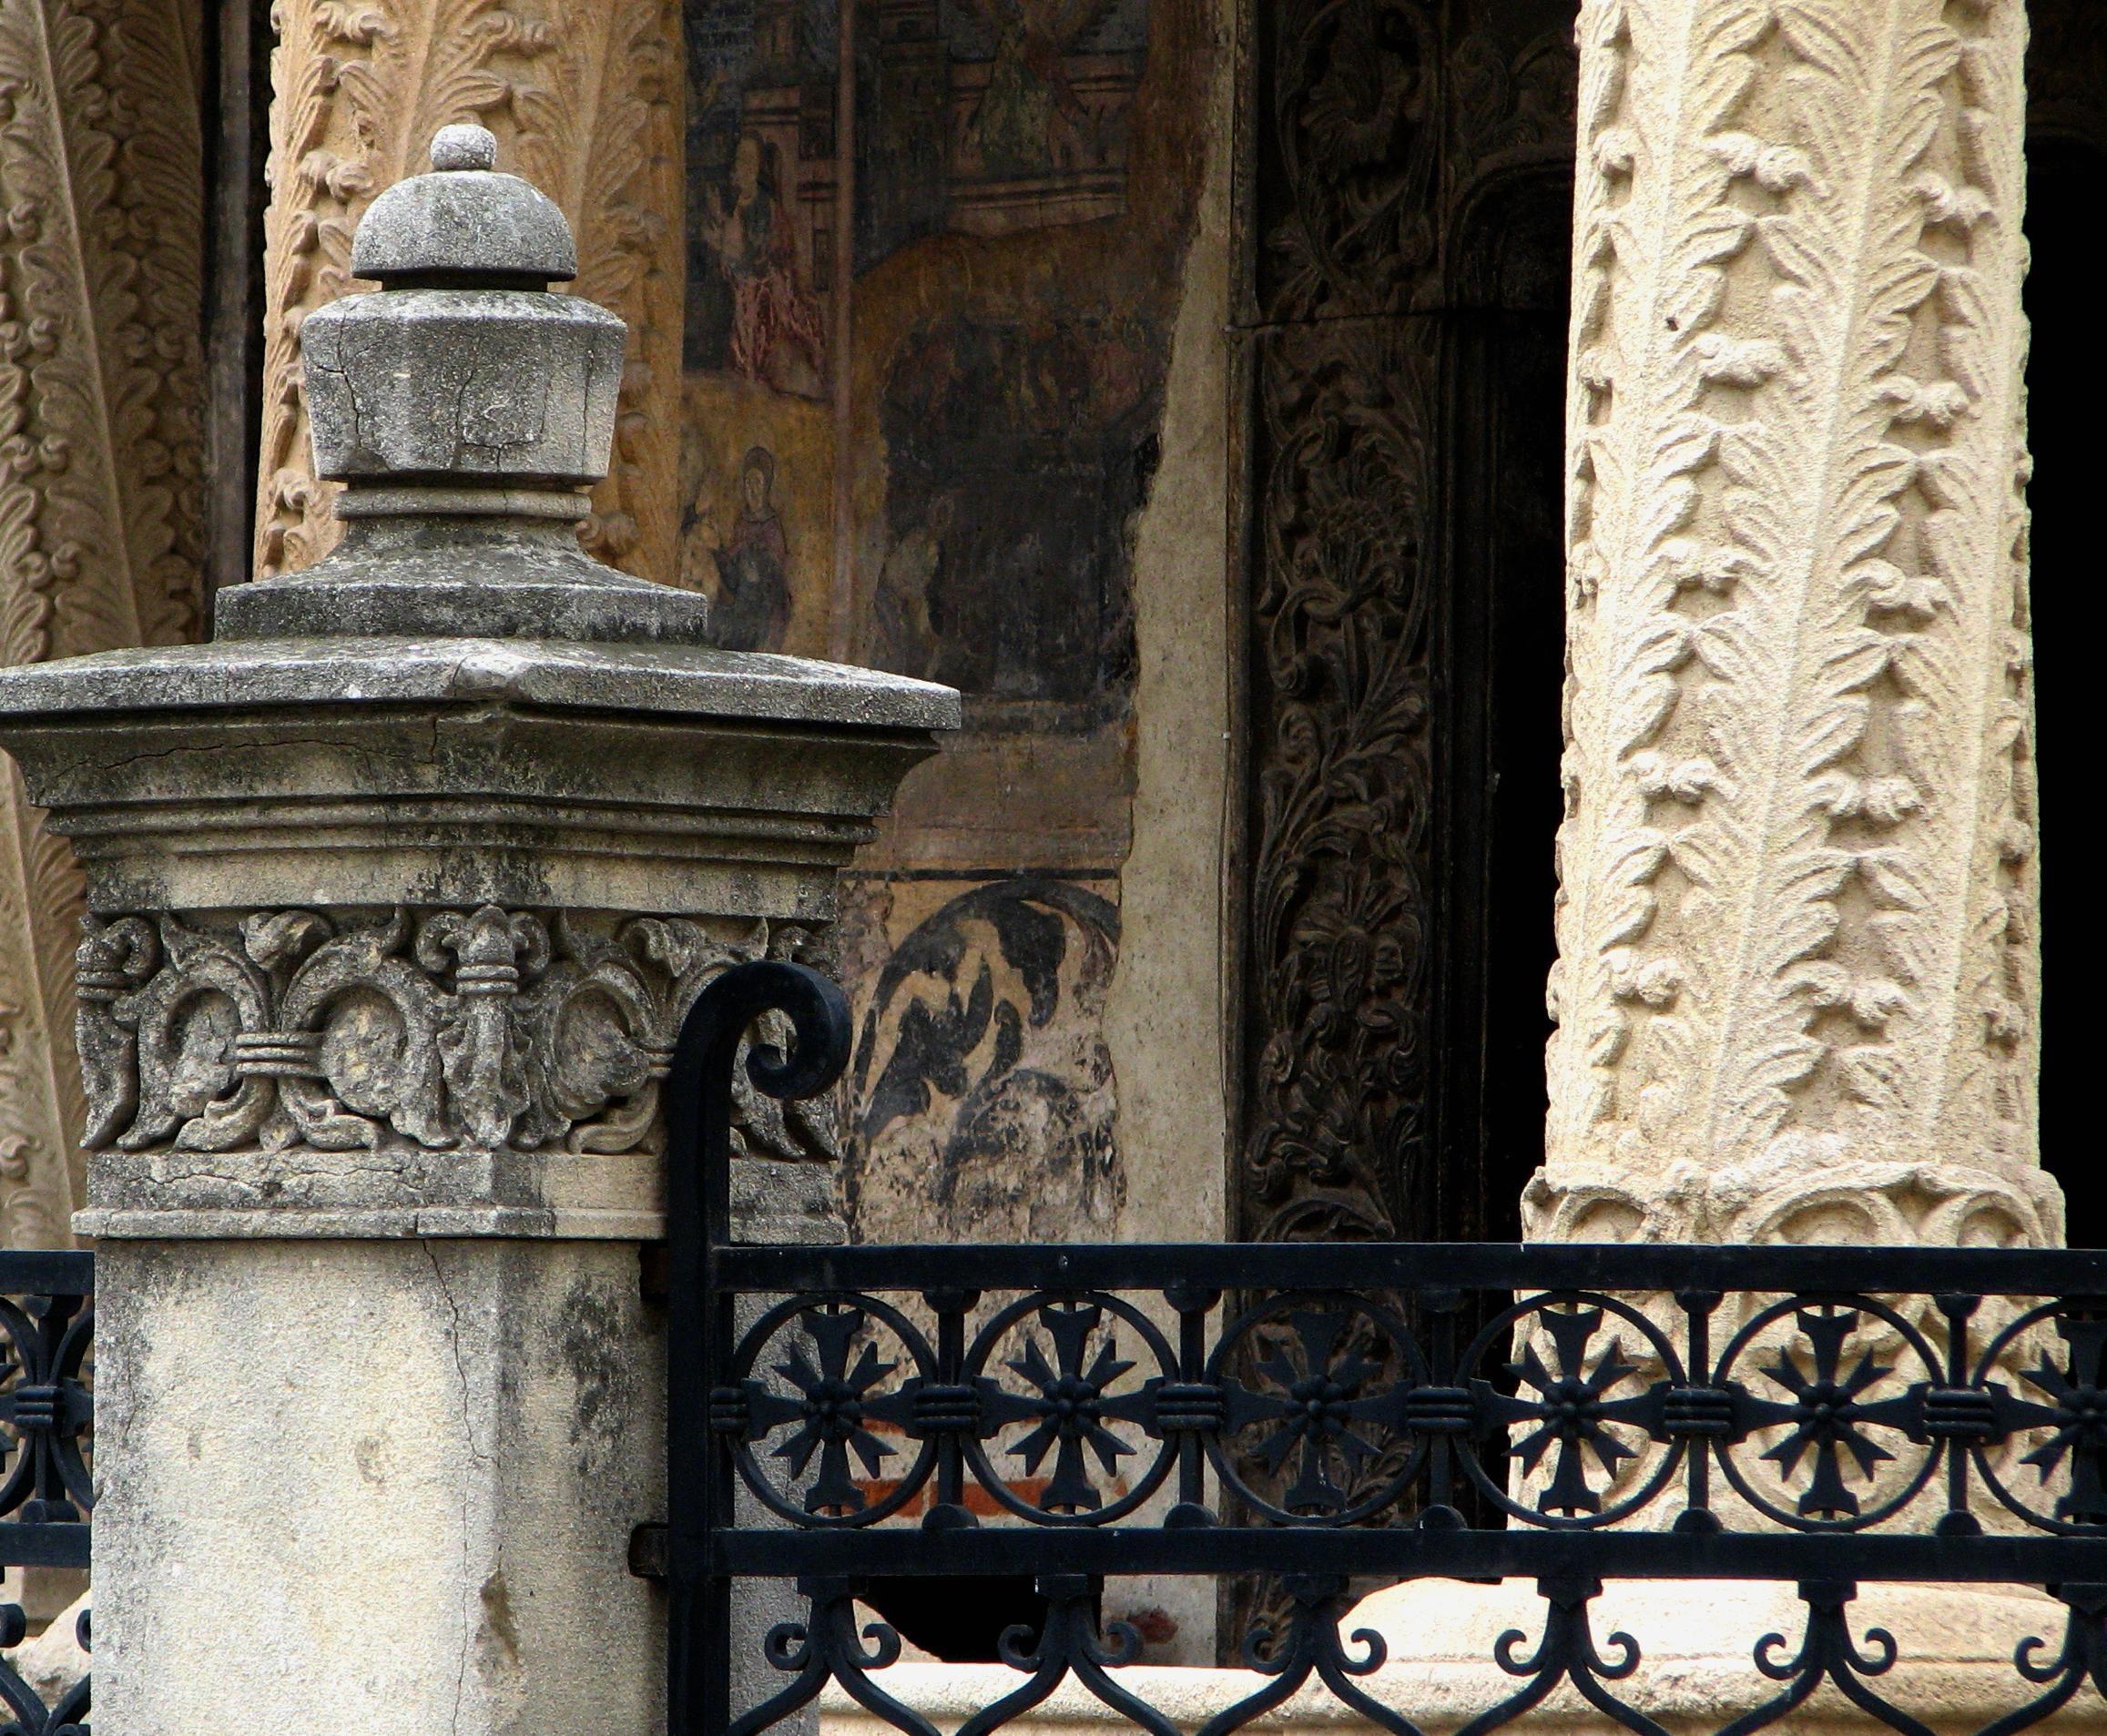 Kostenlose Bild Architektur alte Kunst antike Zaun Eisen außen